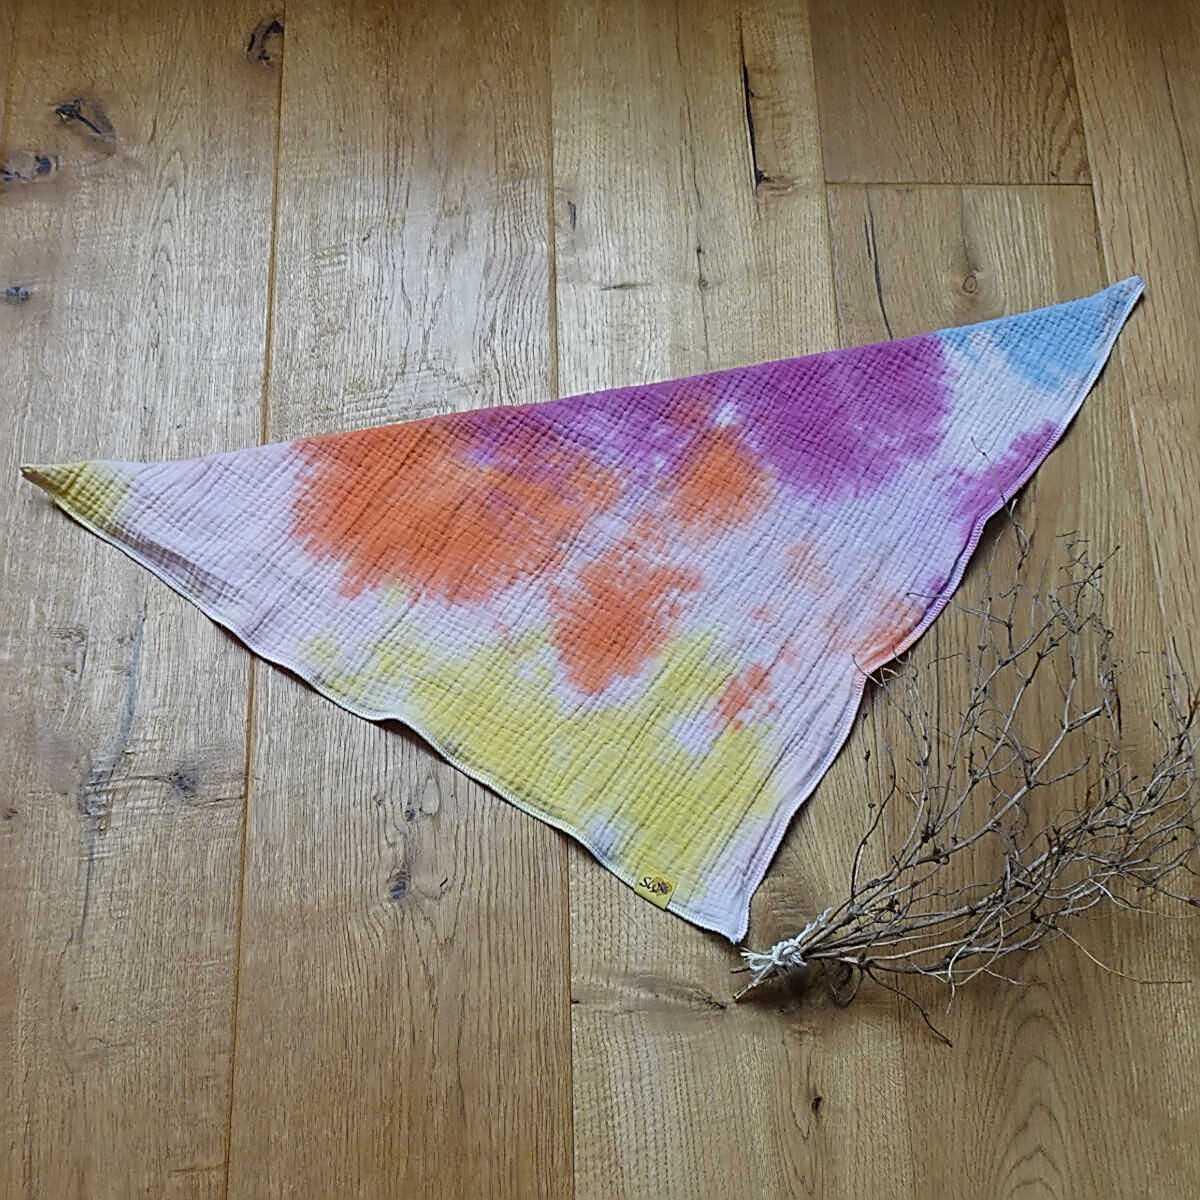 """weiches, kuscheliges Wende-Musselin-Halstuch zum Knoten mit Muster """"Batik hellblau, lila, orange, gelb"""""""